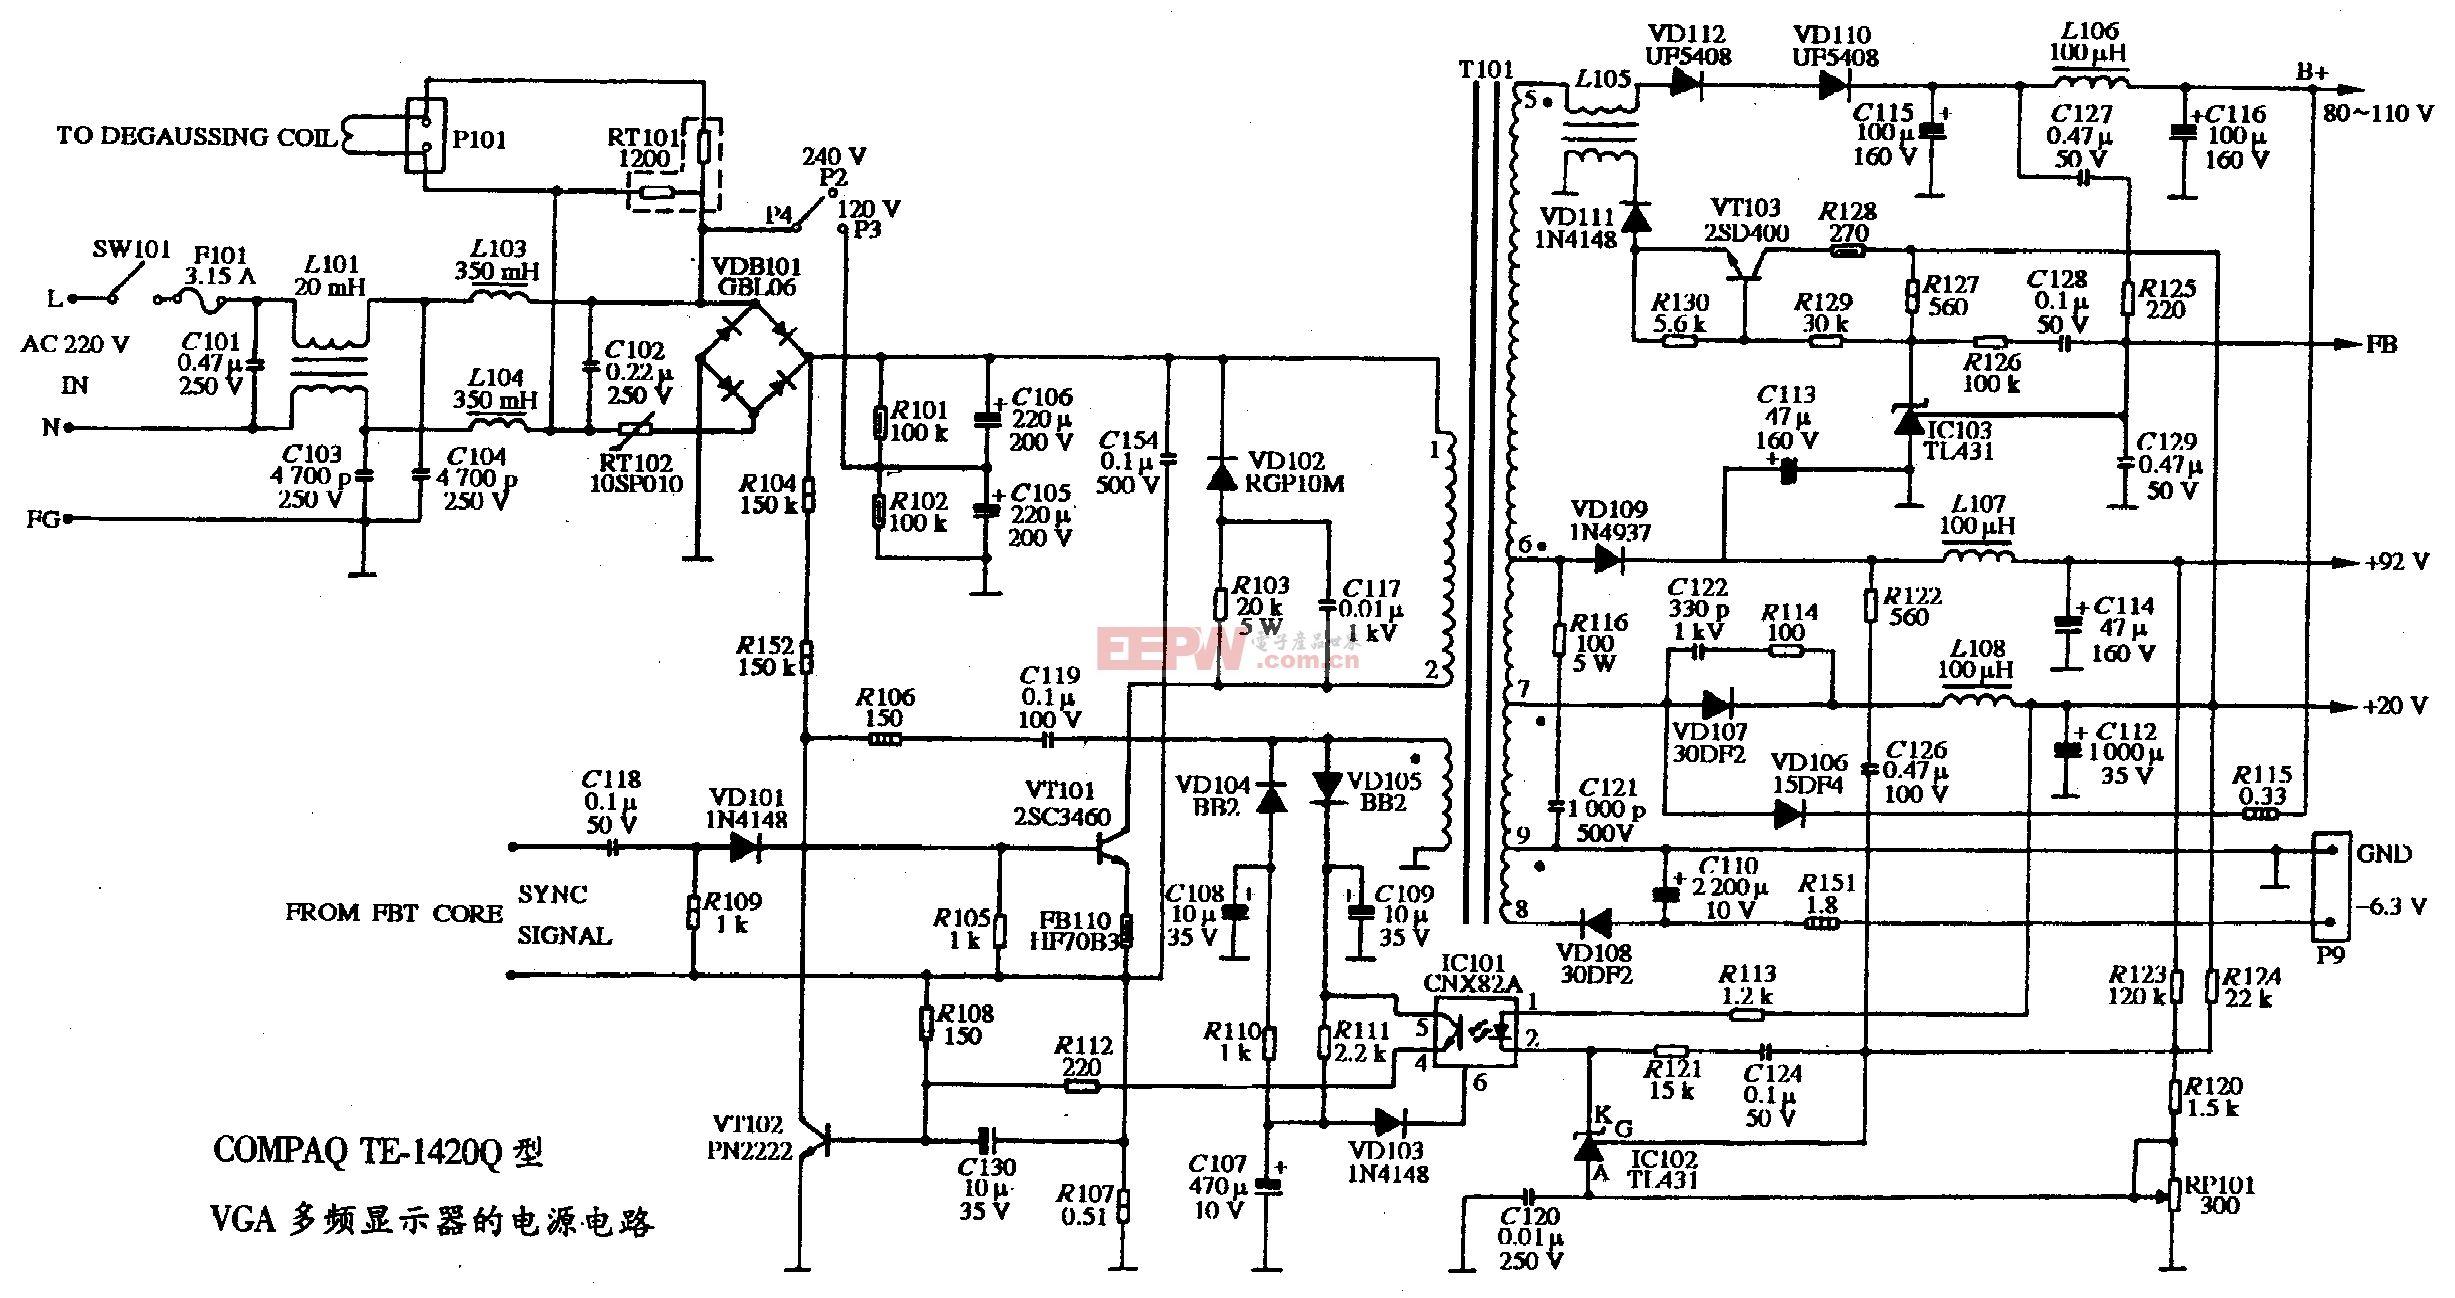 COMPAQ TE1420Q型彩色显示器行扫描部分电路图.gif